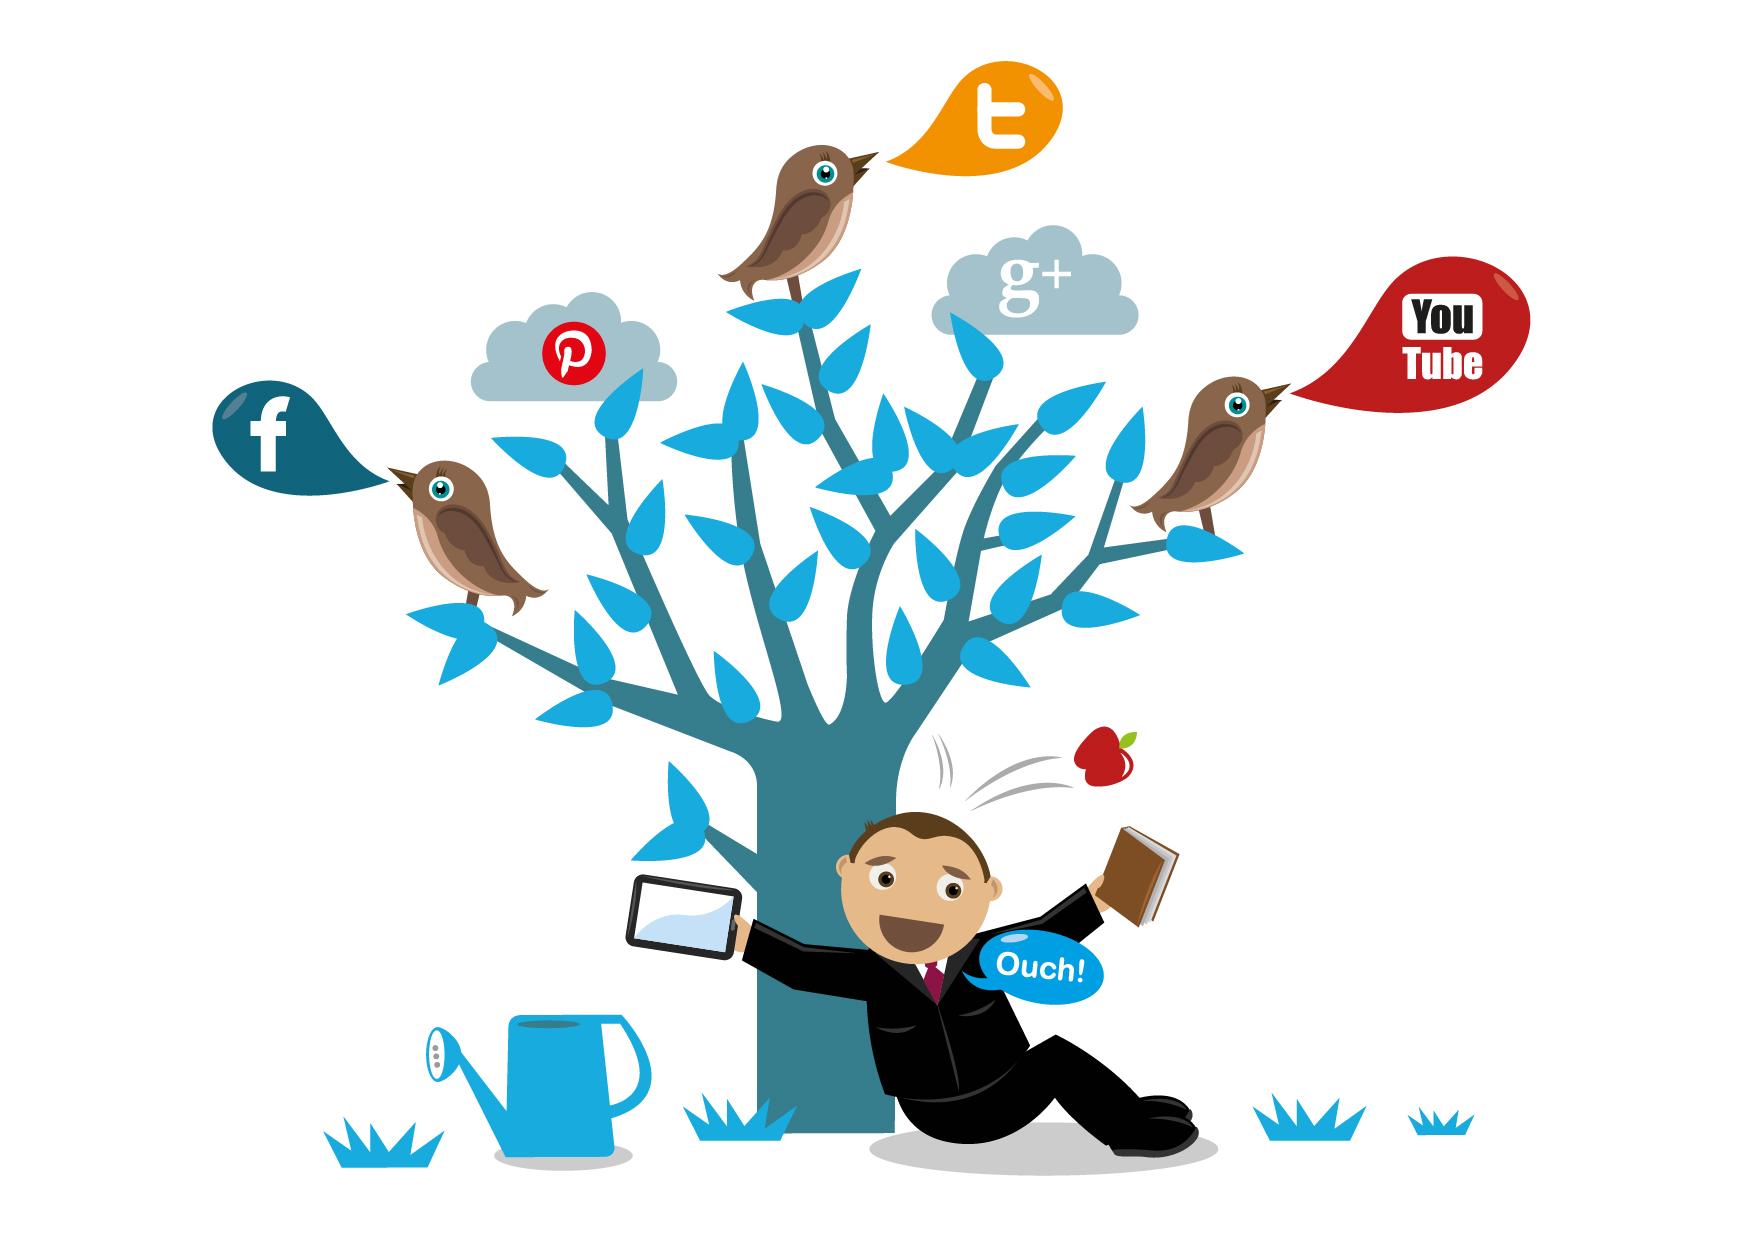 5 lỗi cần tránh trong Social Media Social media là làm gì